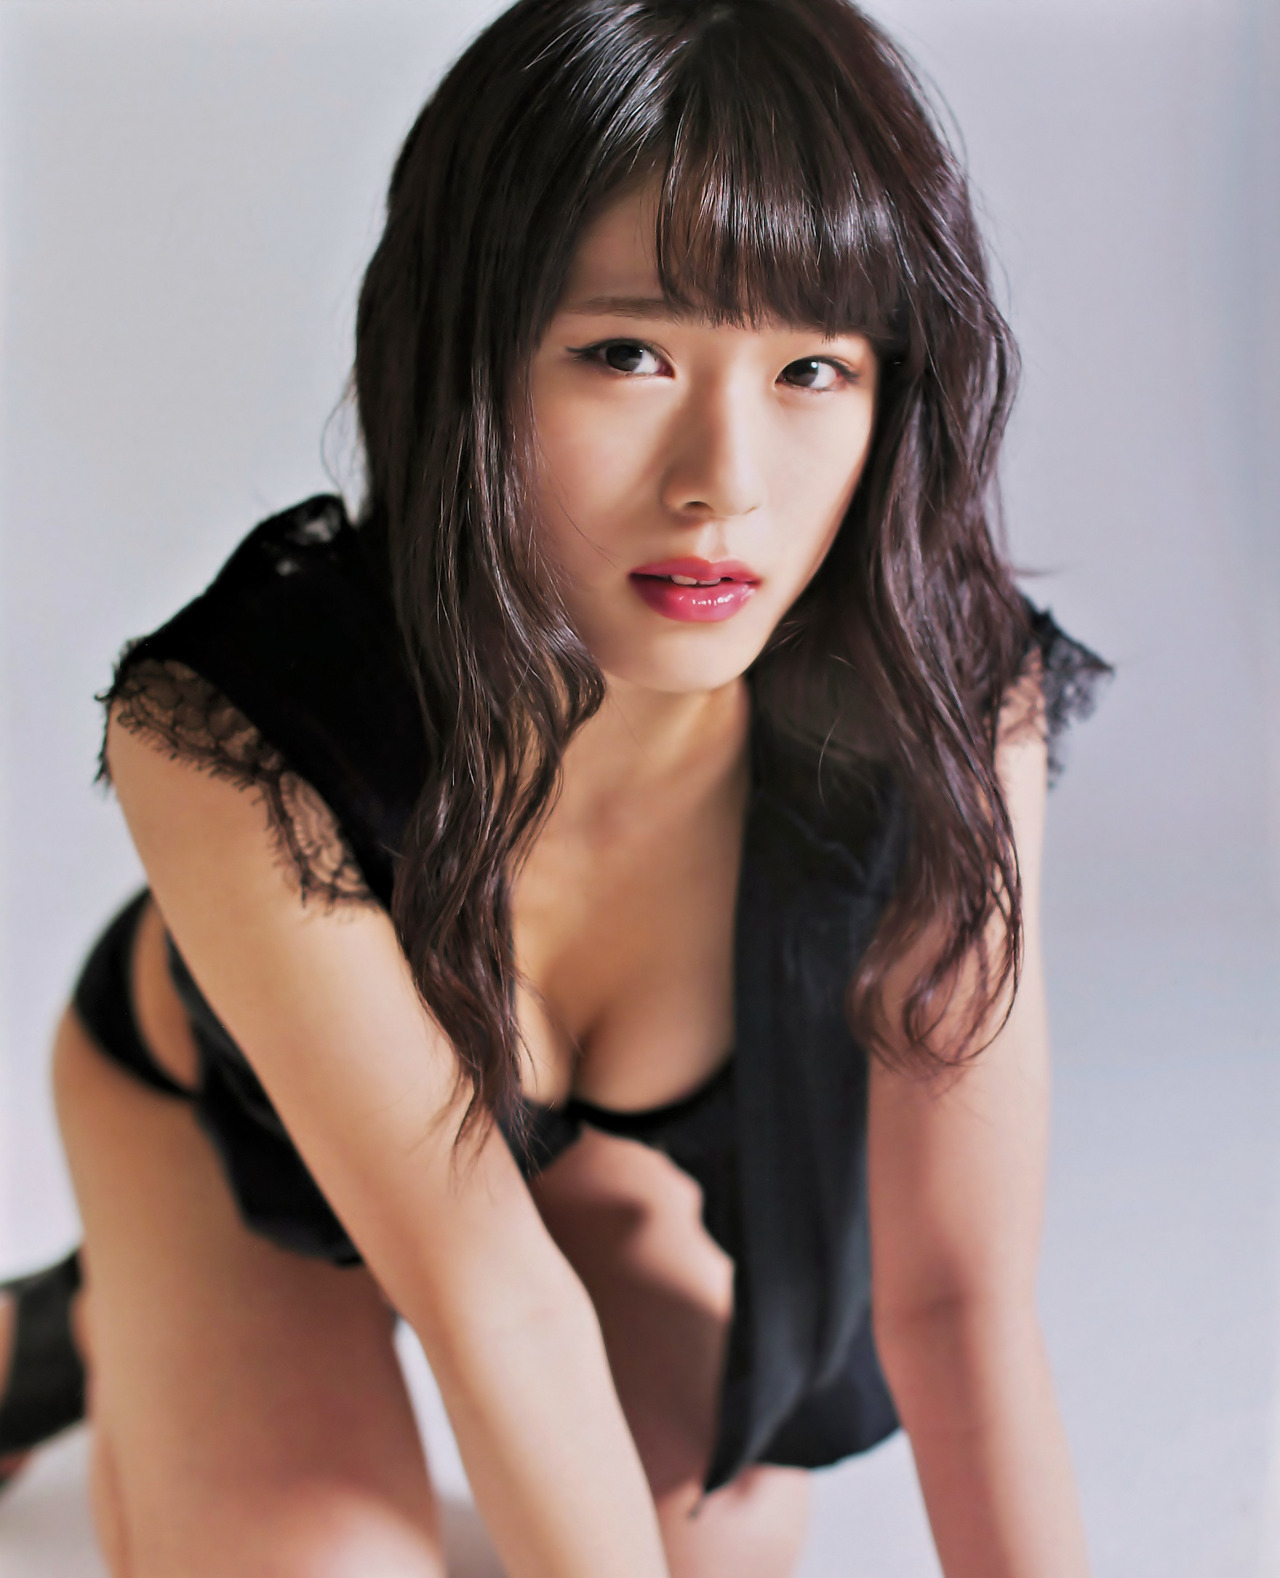 大人っぽいポーズの渋谷凪咲